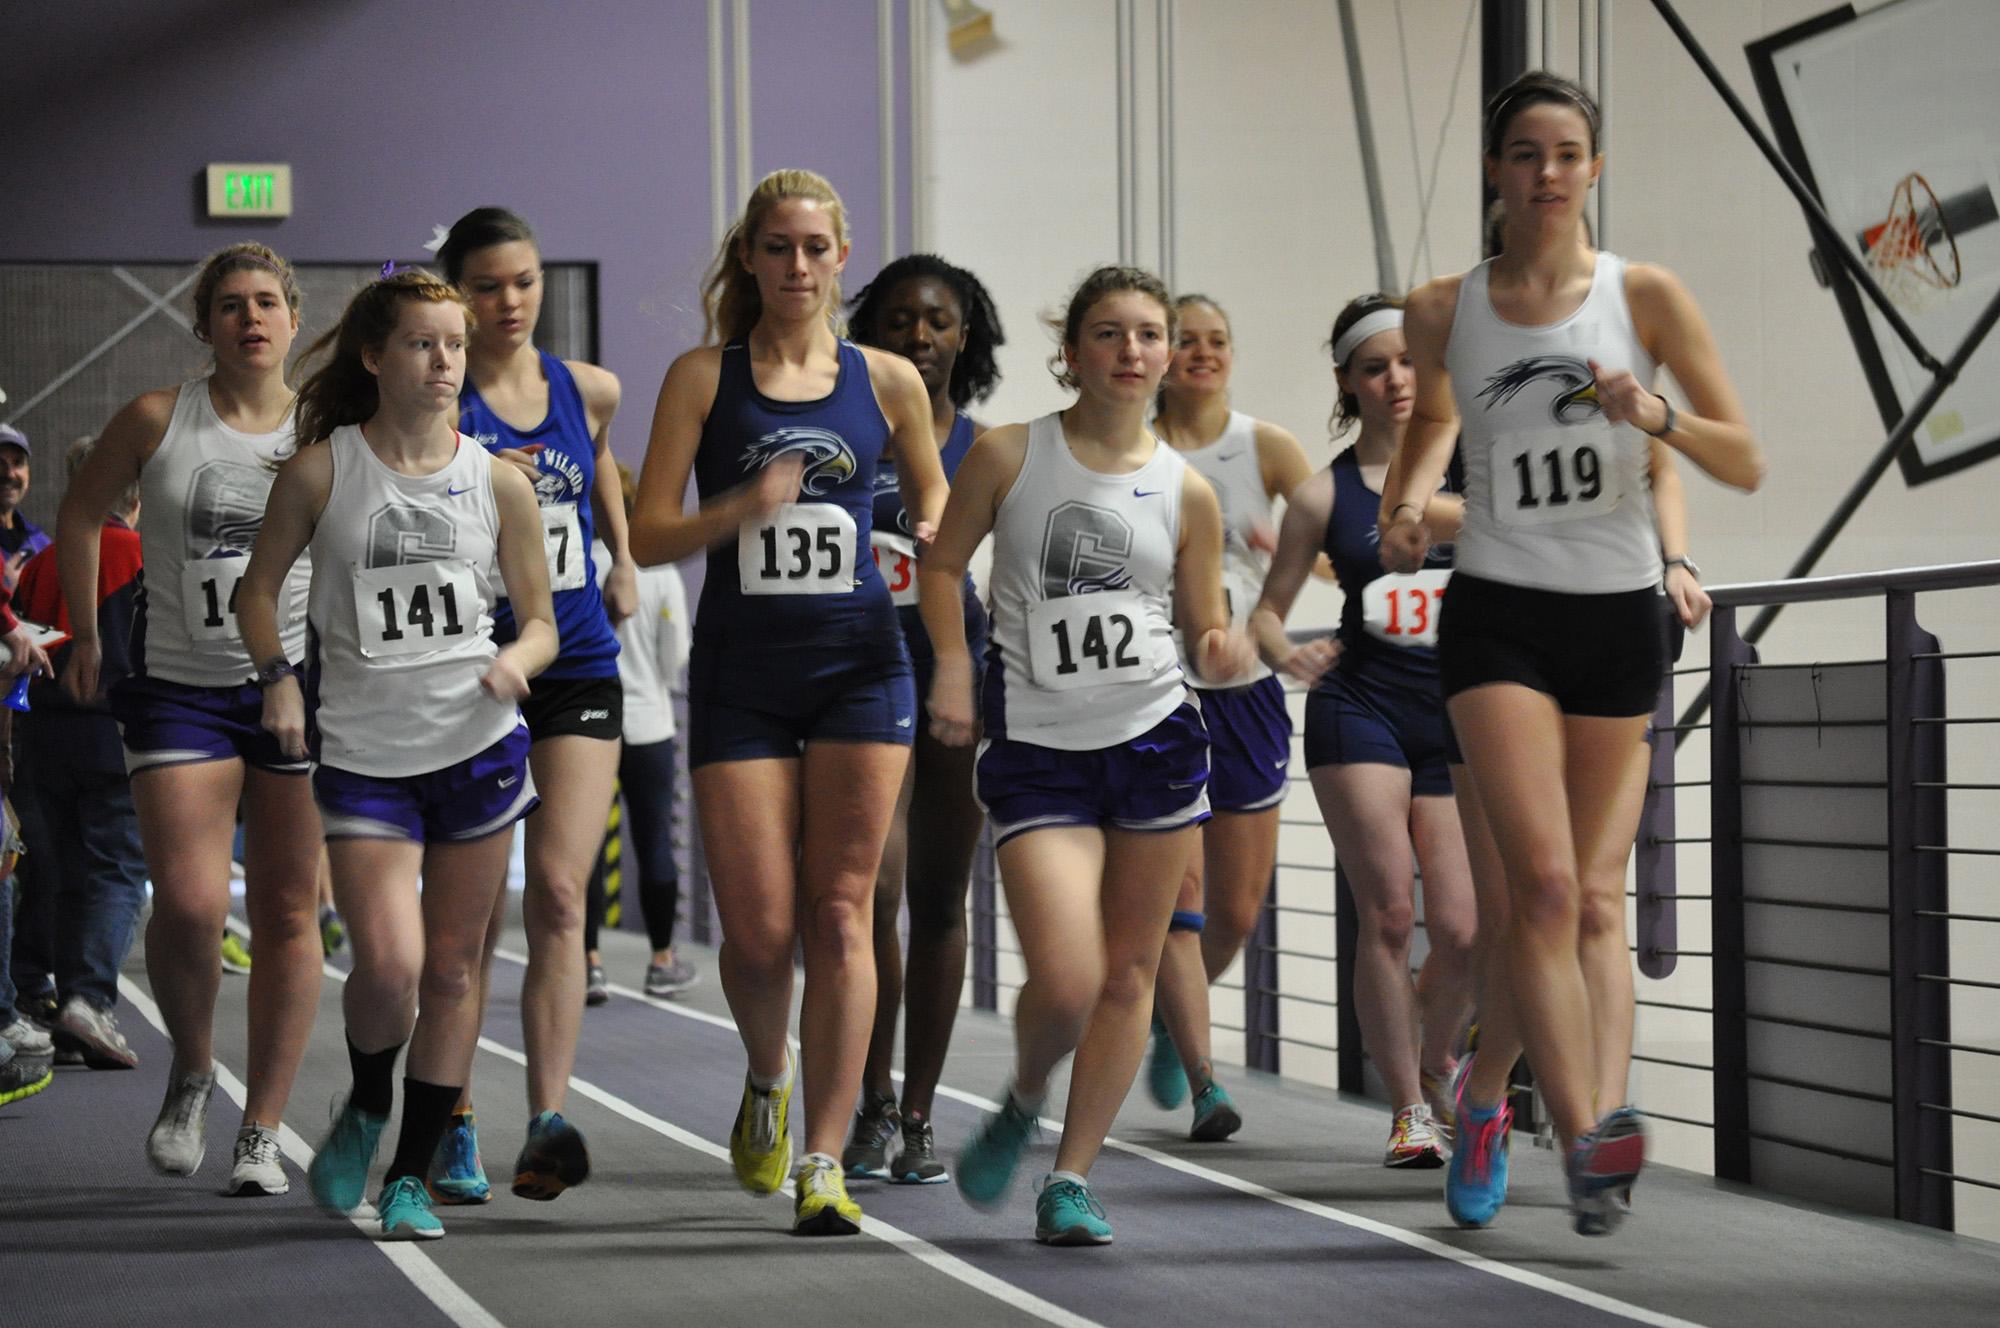 crowd of racewalkers